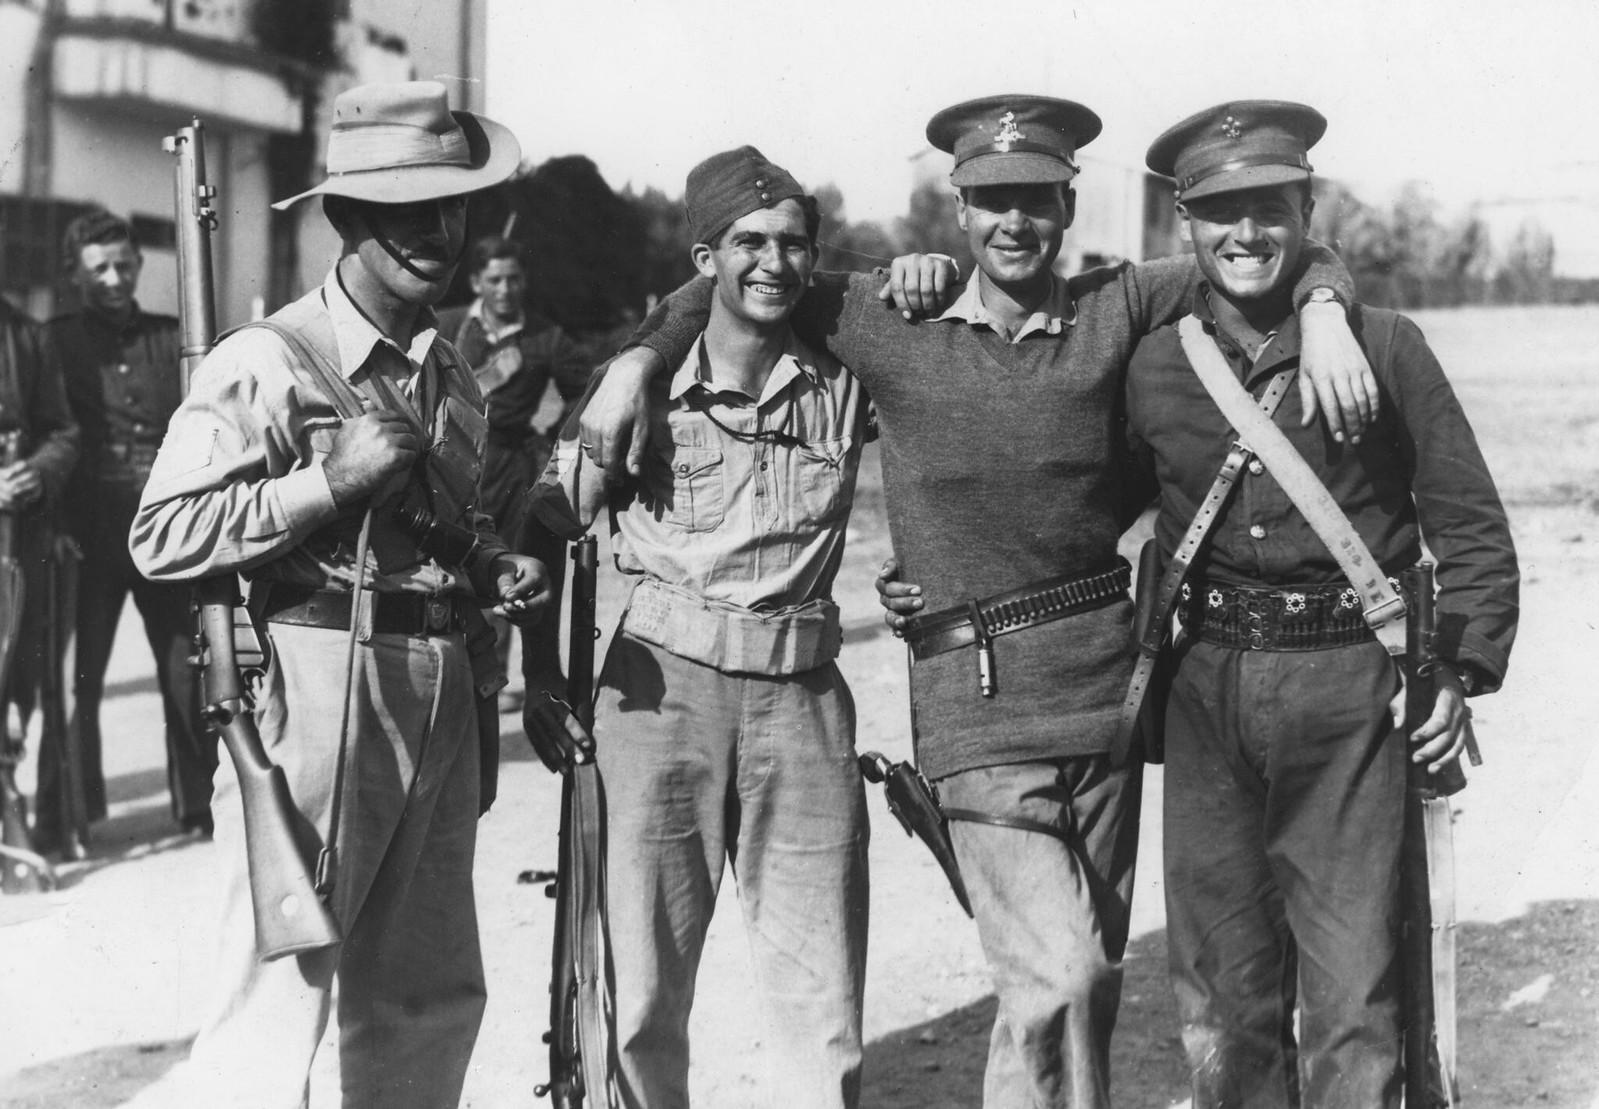 04. 1938. Бригадный генерал Орд Вингейт  организовал Особые ночные отряды - вооруженные группы, сформированные из британских добровольцев и людей из Хаганы